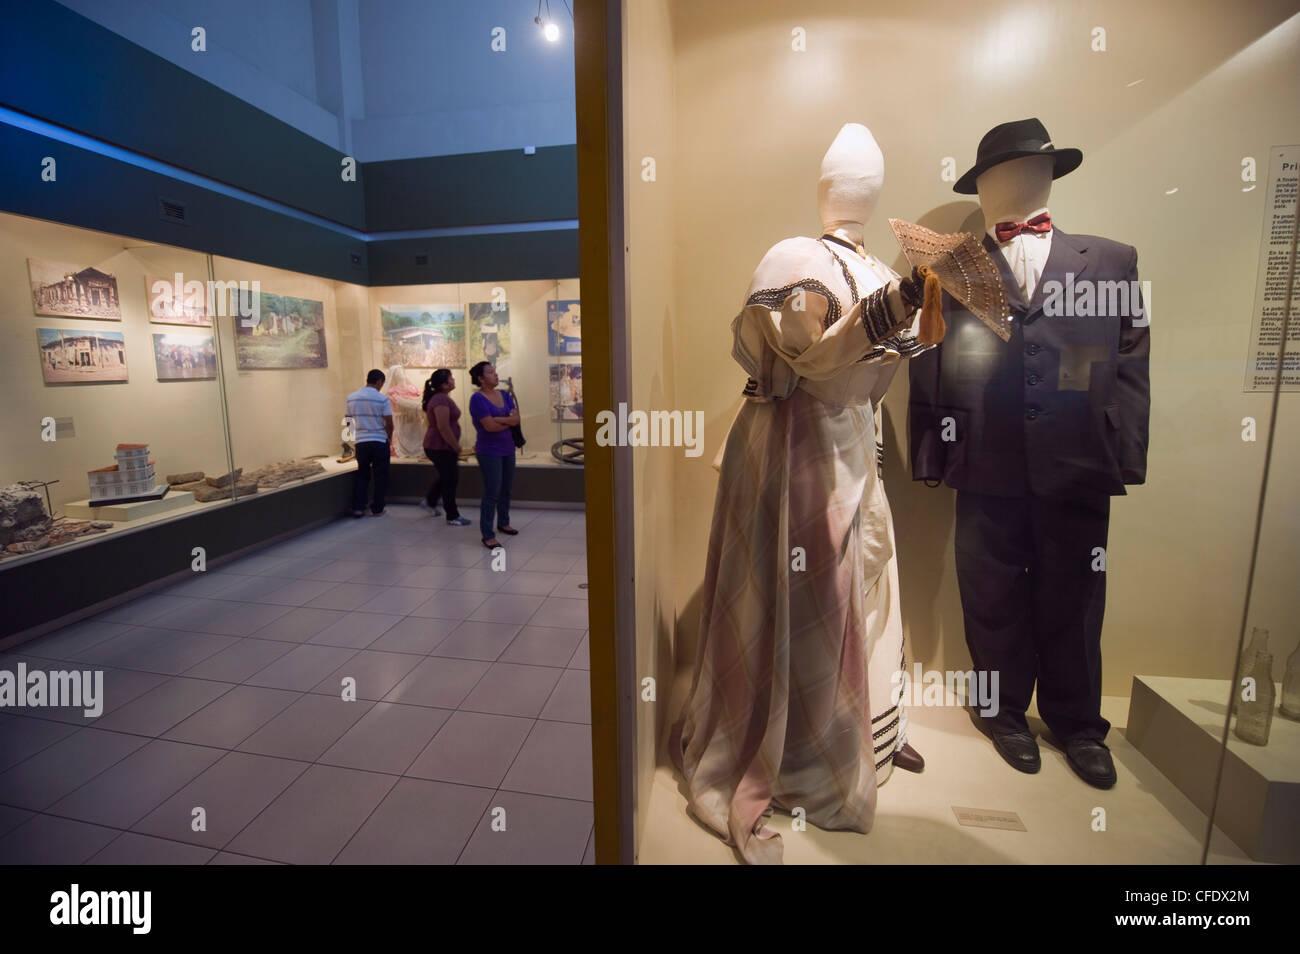 Tourists at Museo Nacional de Antropologia David J Guzman, Anthropology museum, San Salvador, El Salvador, Central - Stock Image